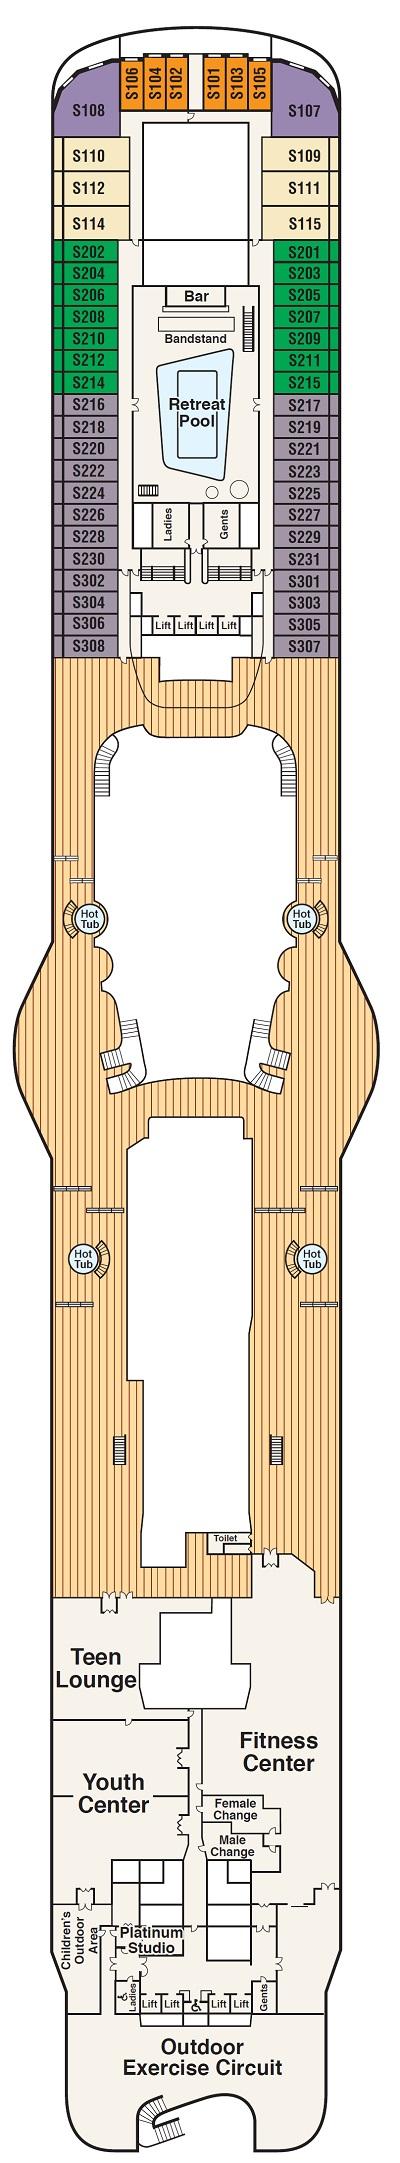 Deck 17 - Sun